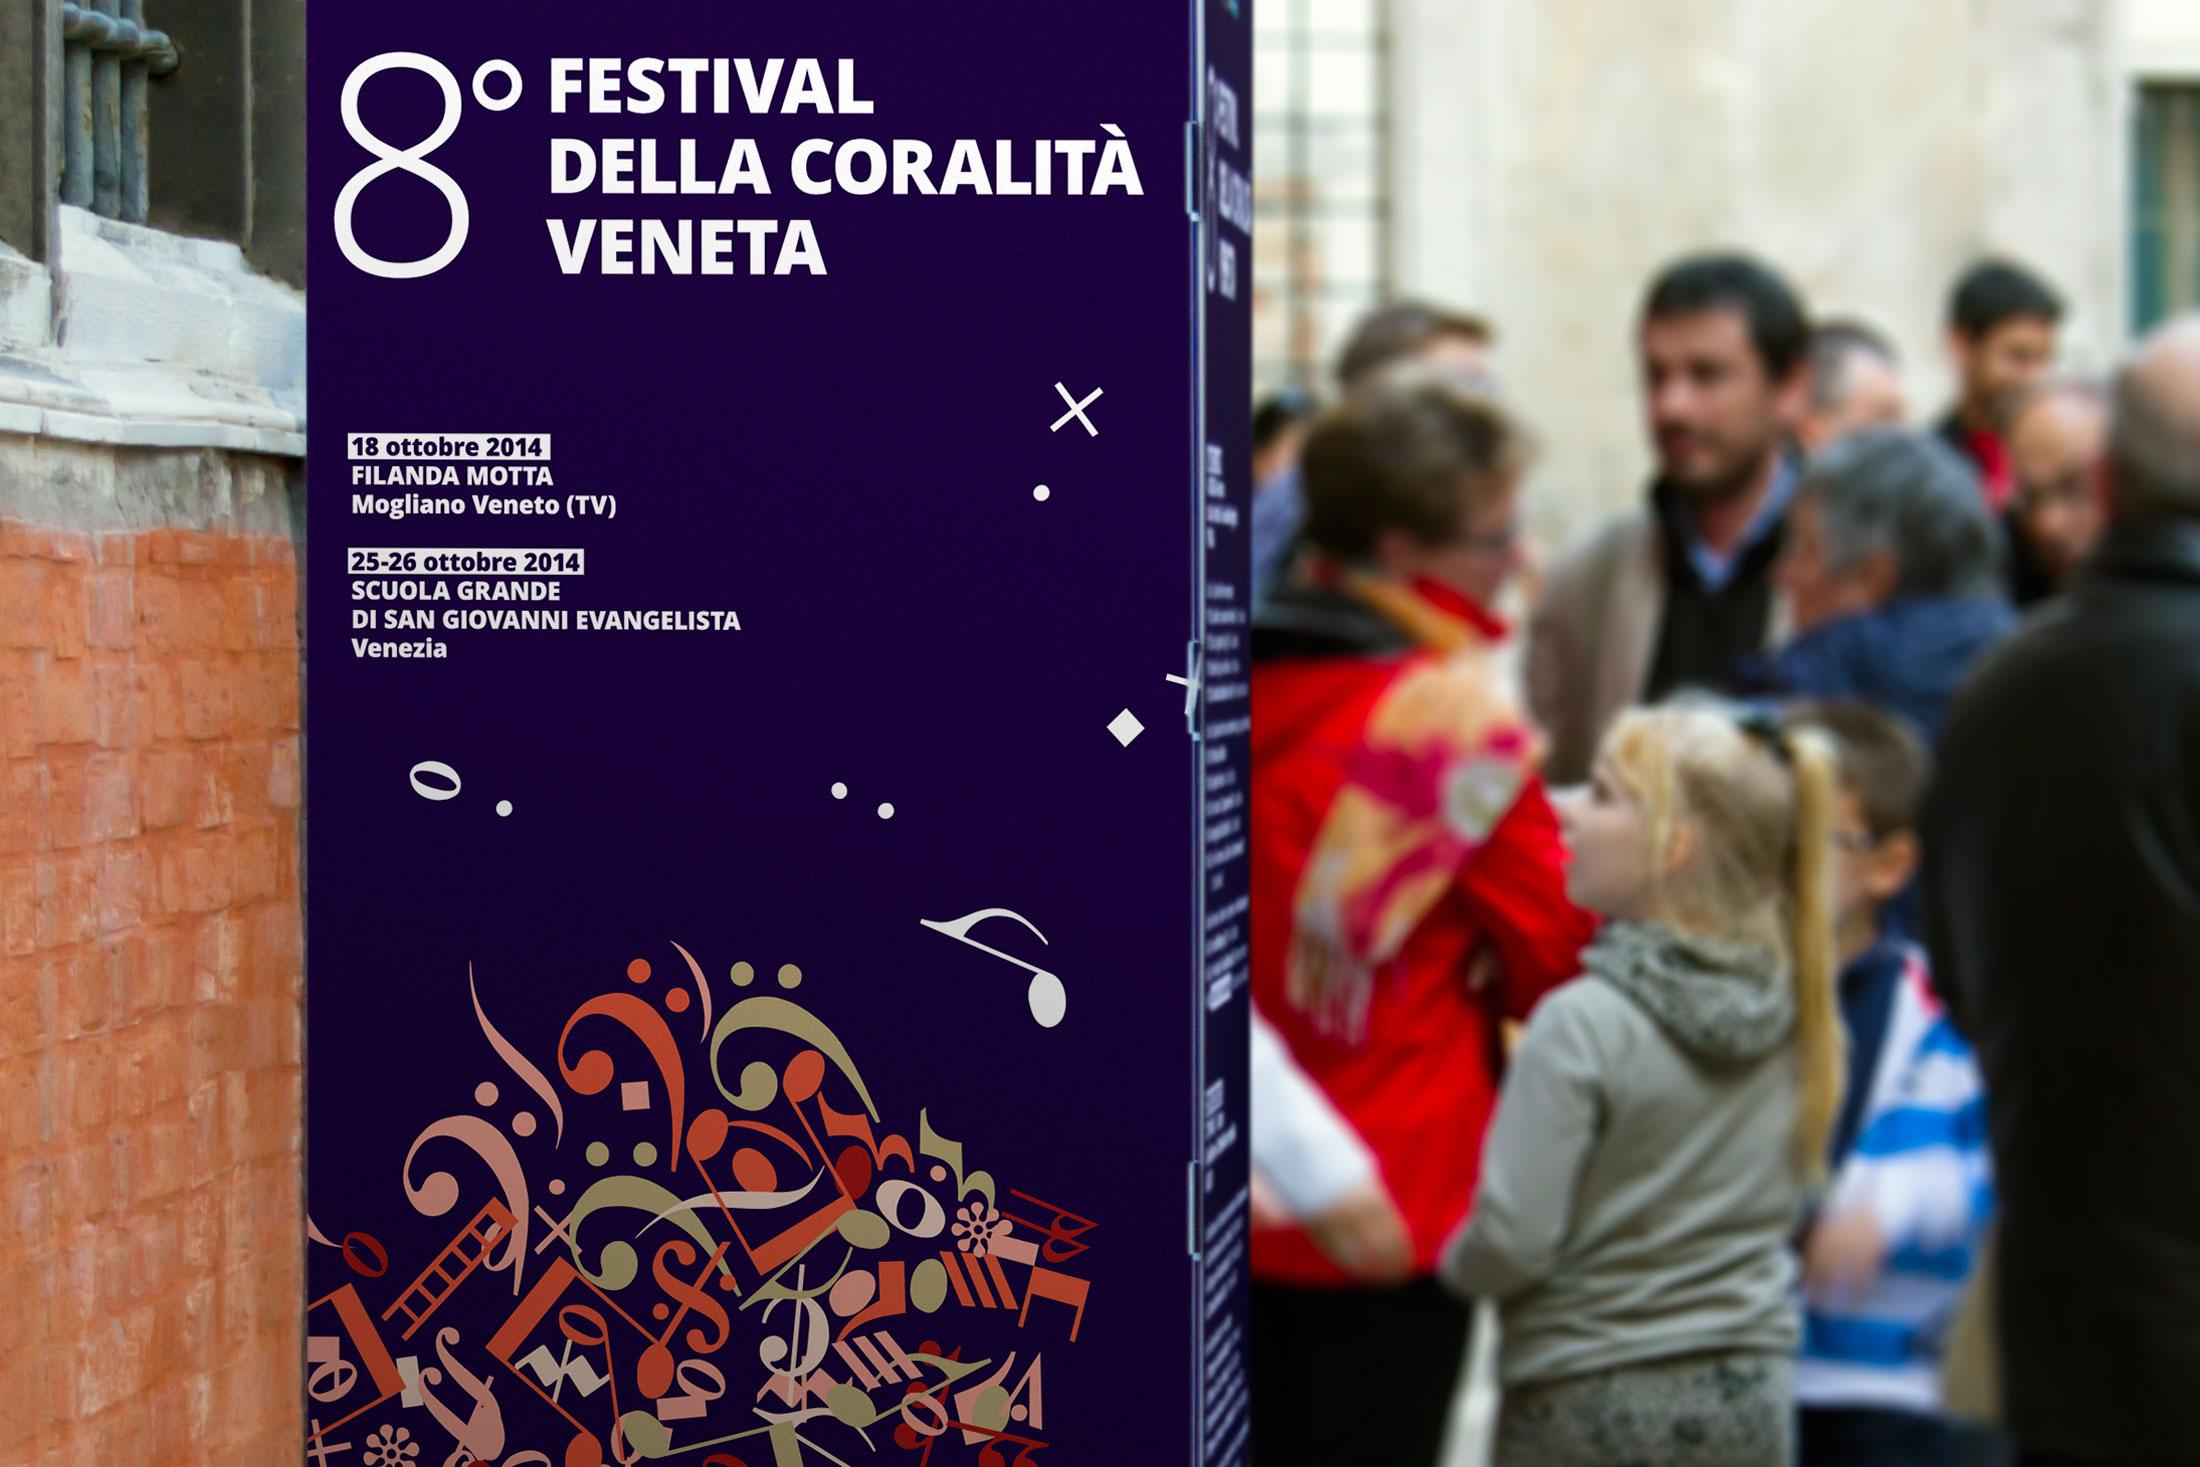 Festival della Coralità Veneta - totem